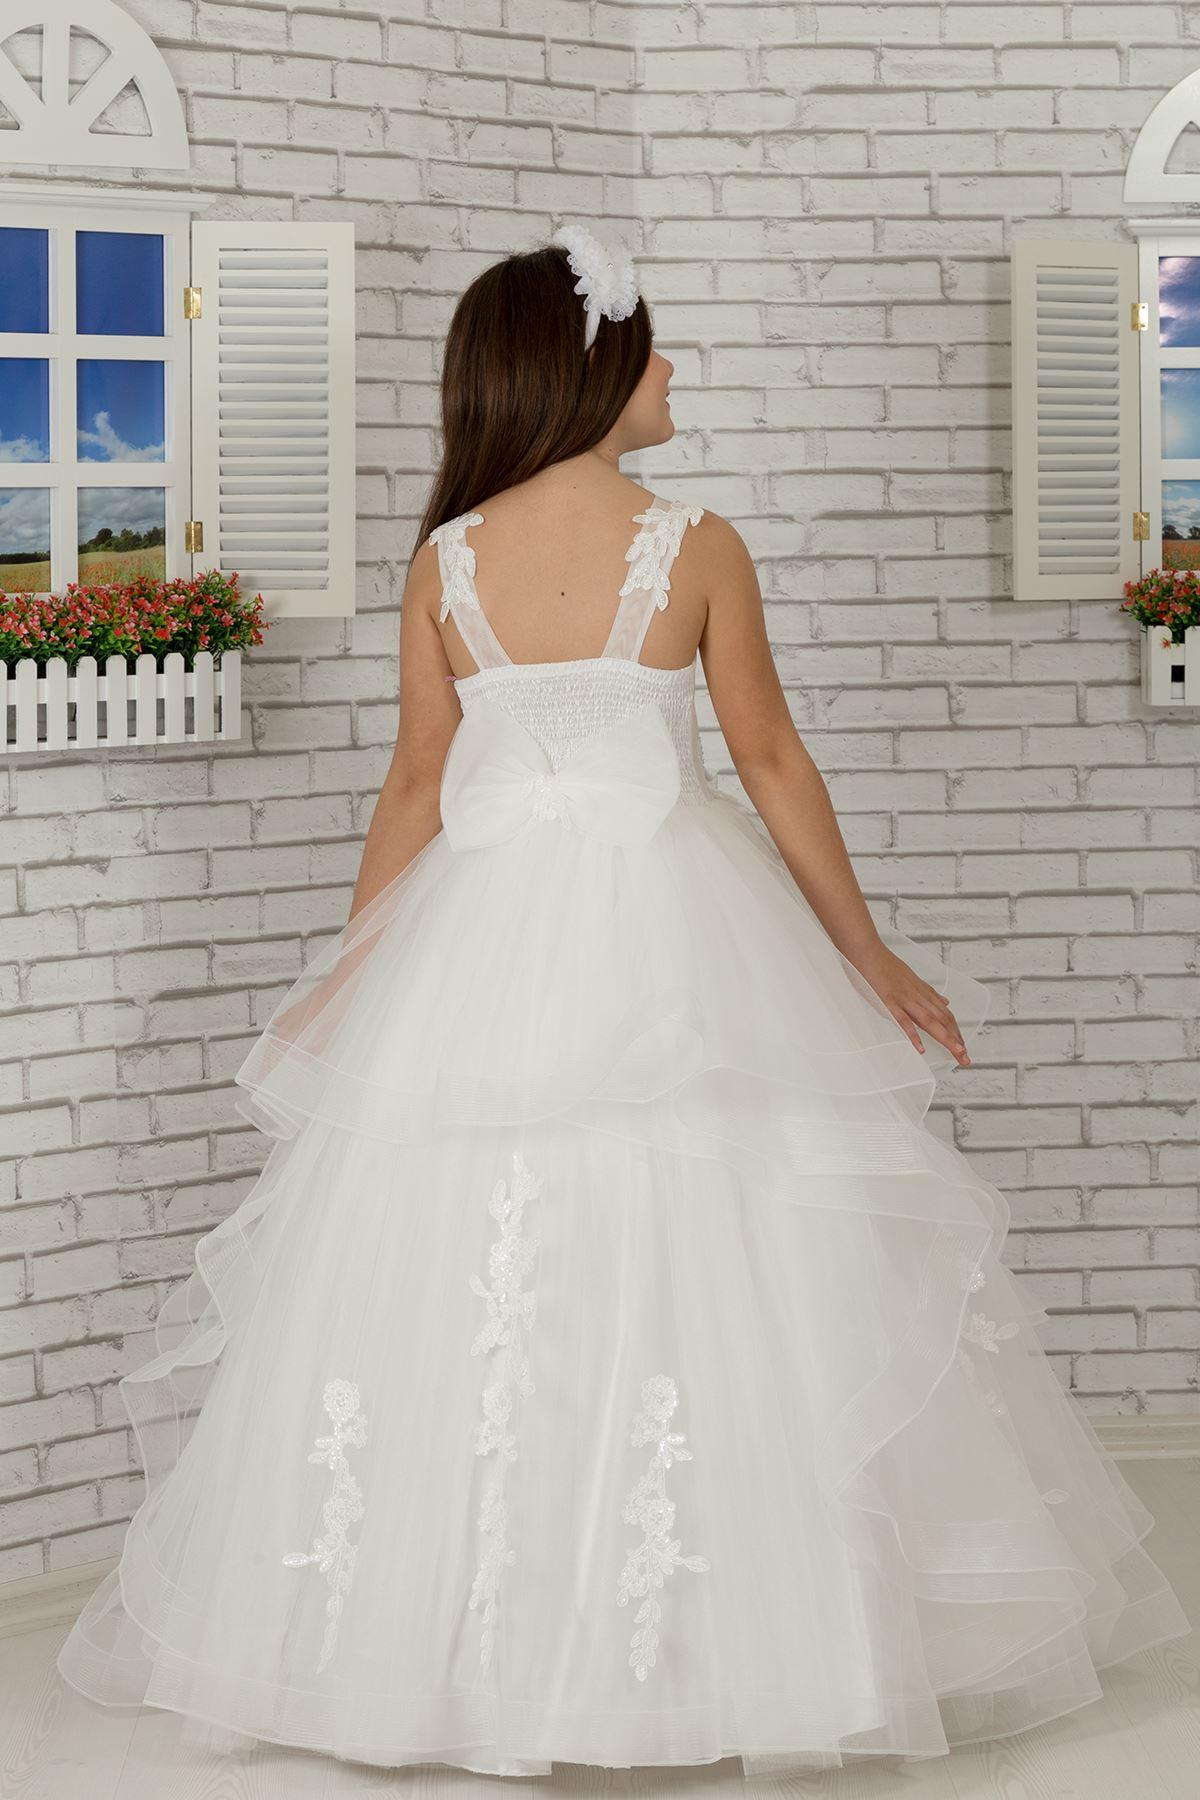 刺繍アップリケの詳細、チュールふわふわ少女のイブニングドレス628クリーム